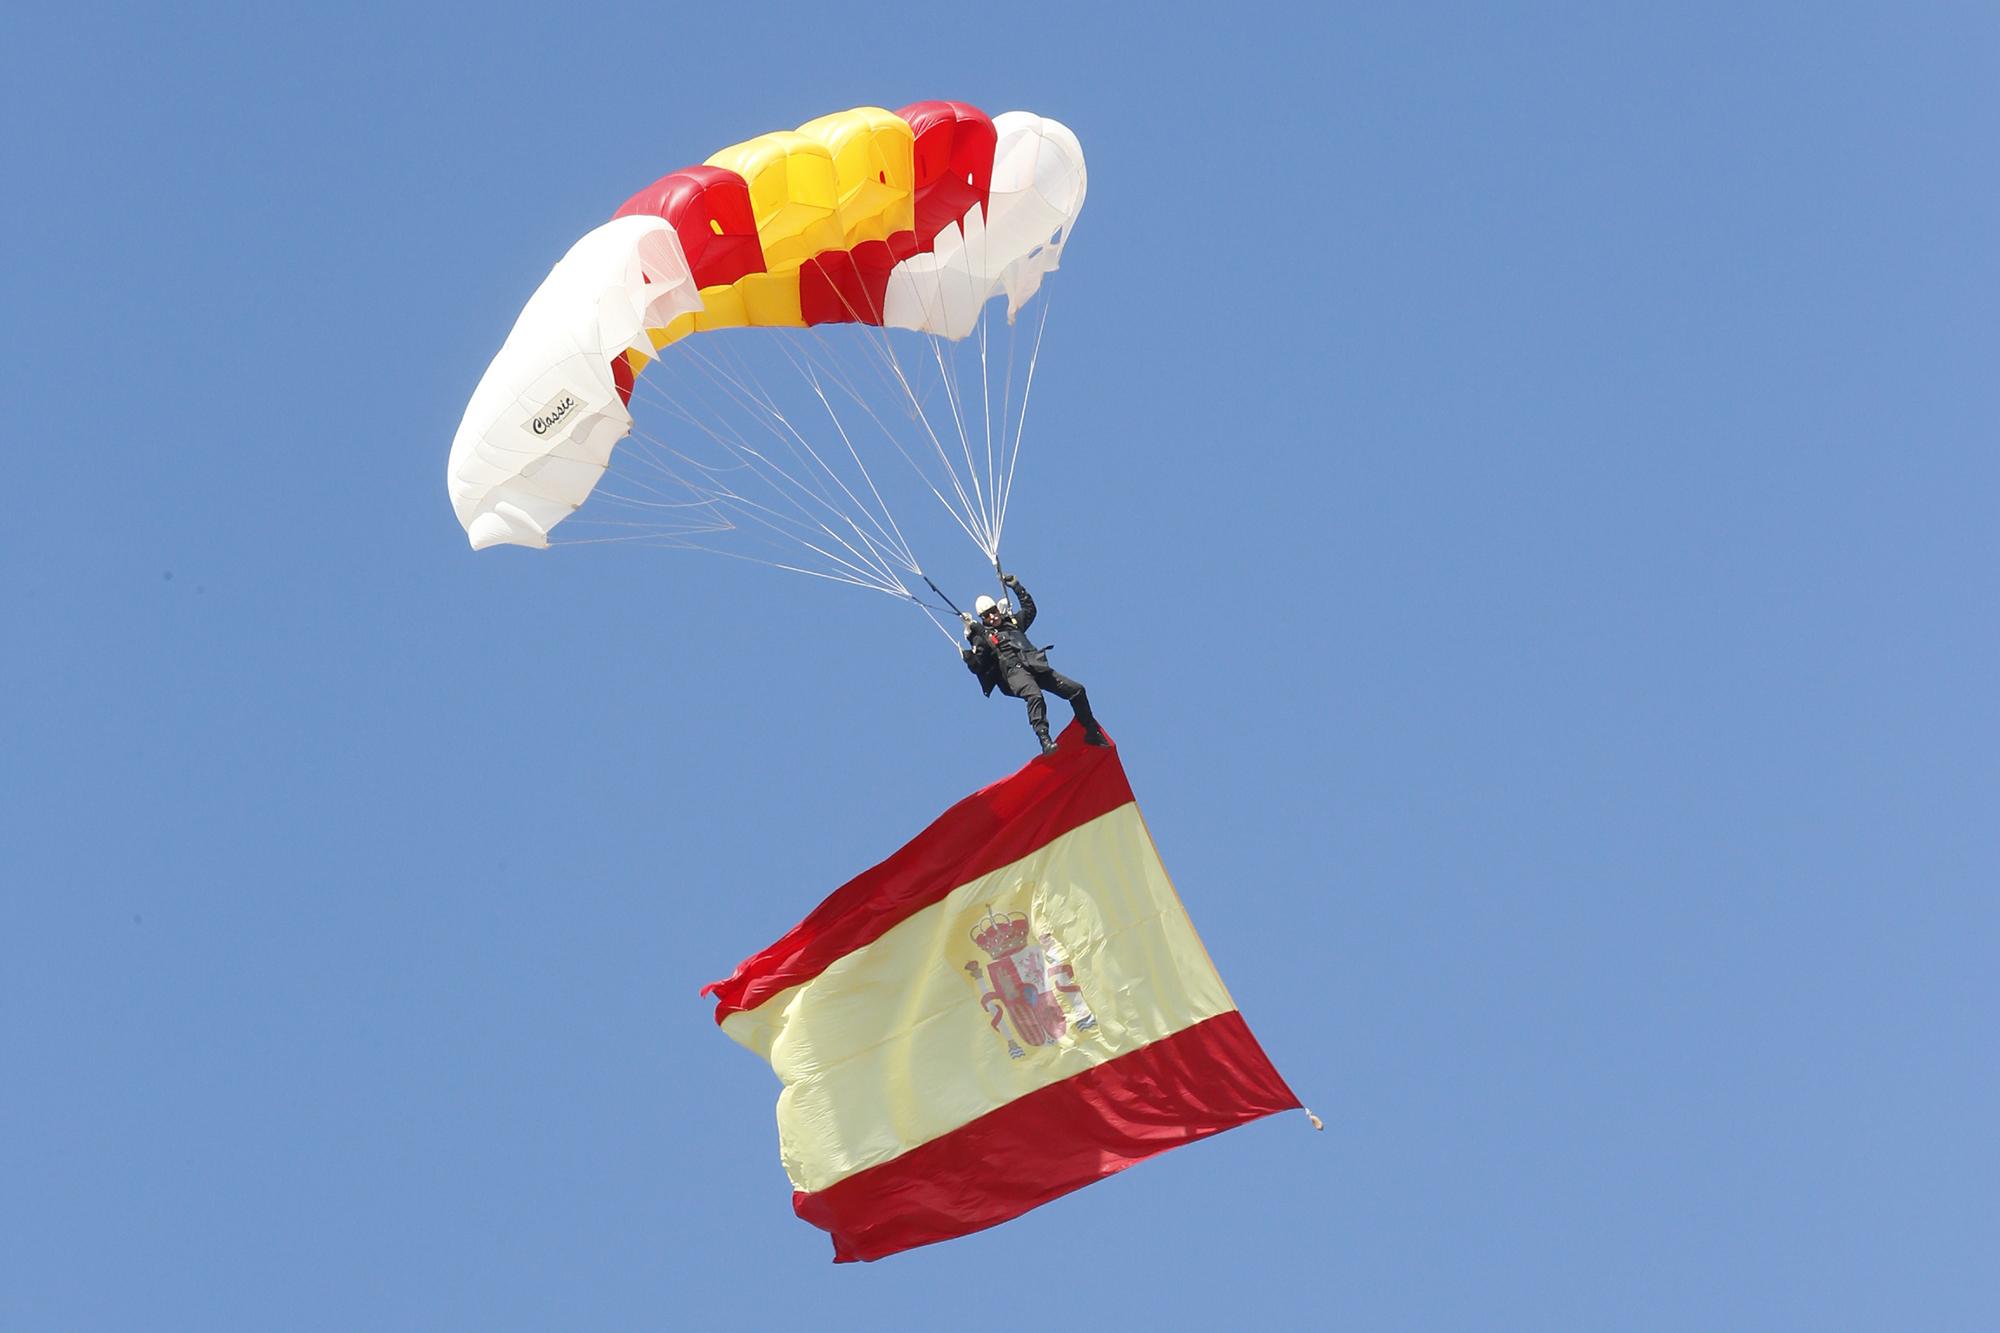 ===12 de Octubre dia de la Hispanidad=== DGC-150223-Ministro-Bripac-04-G